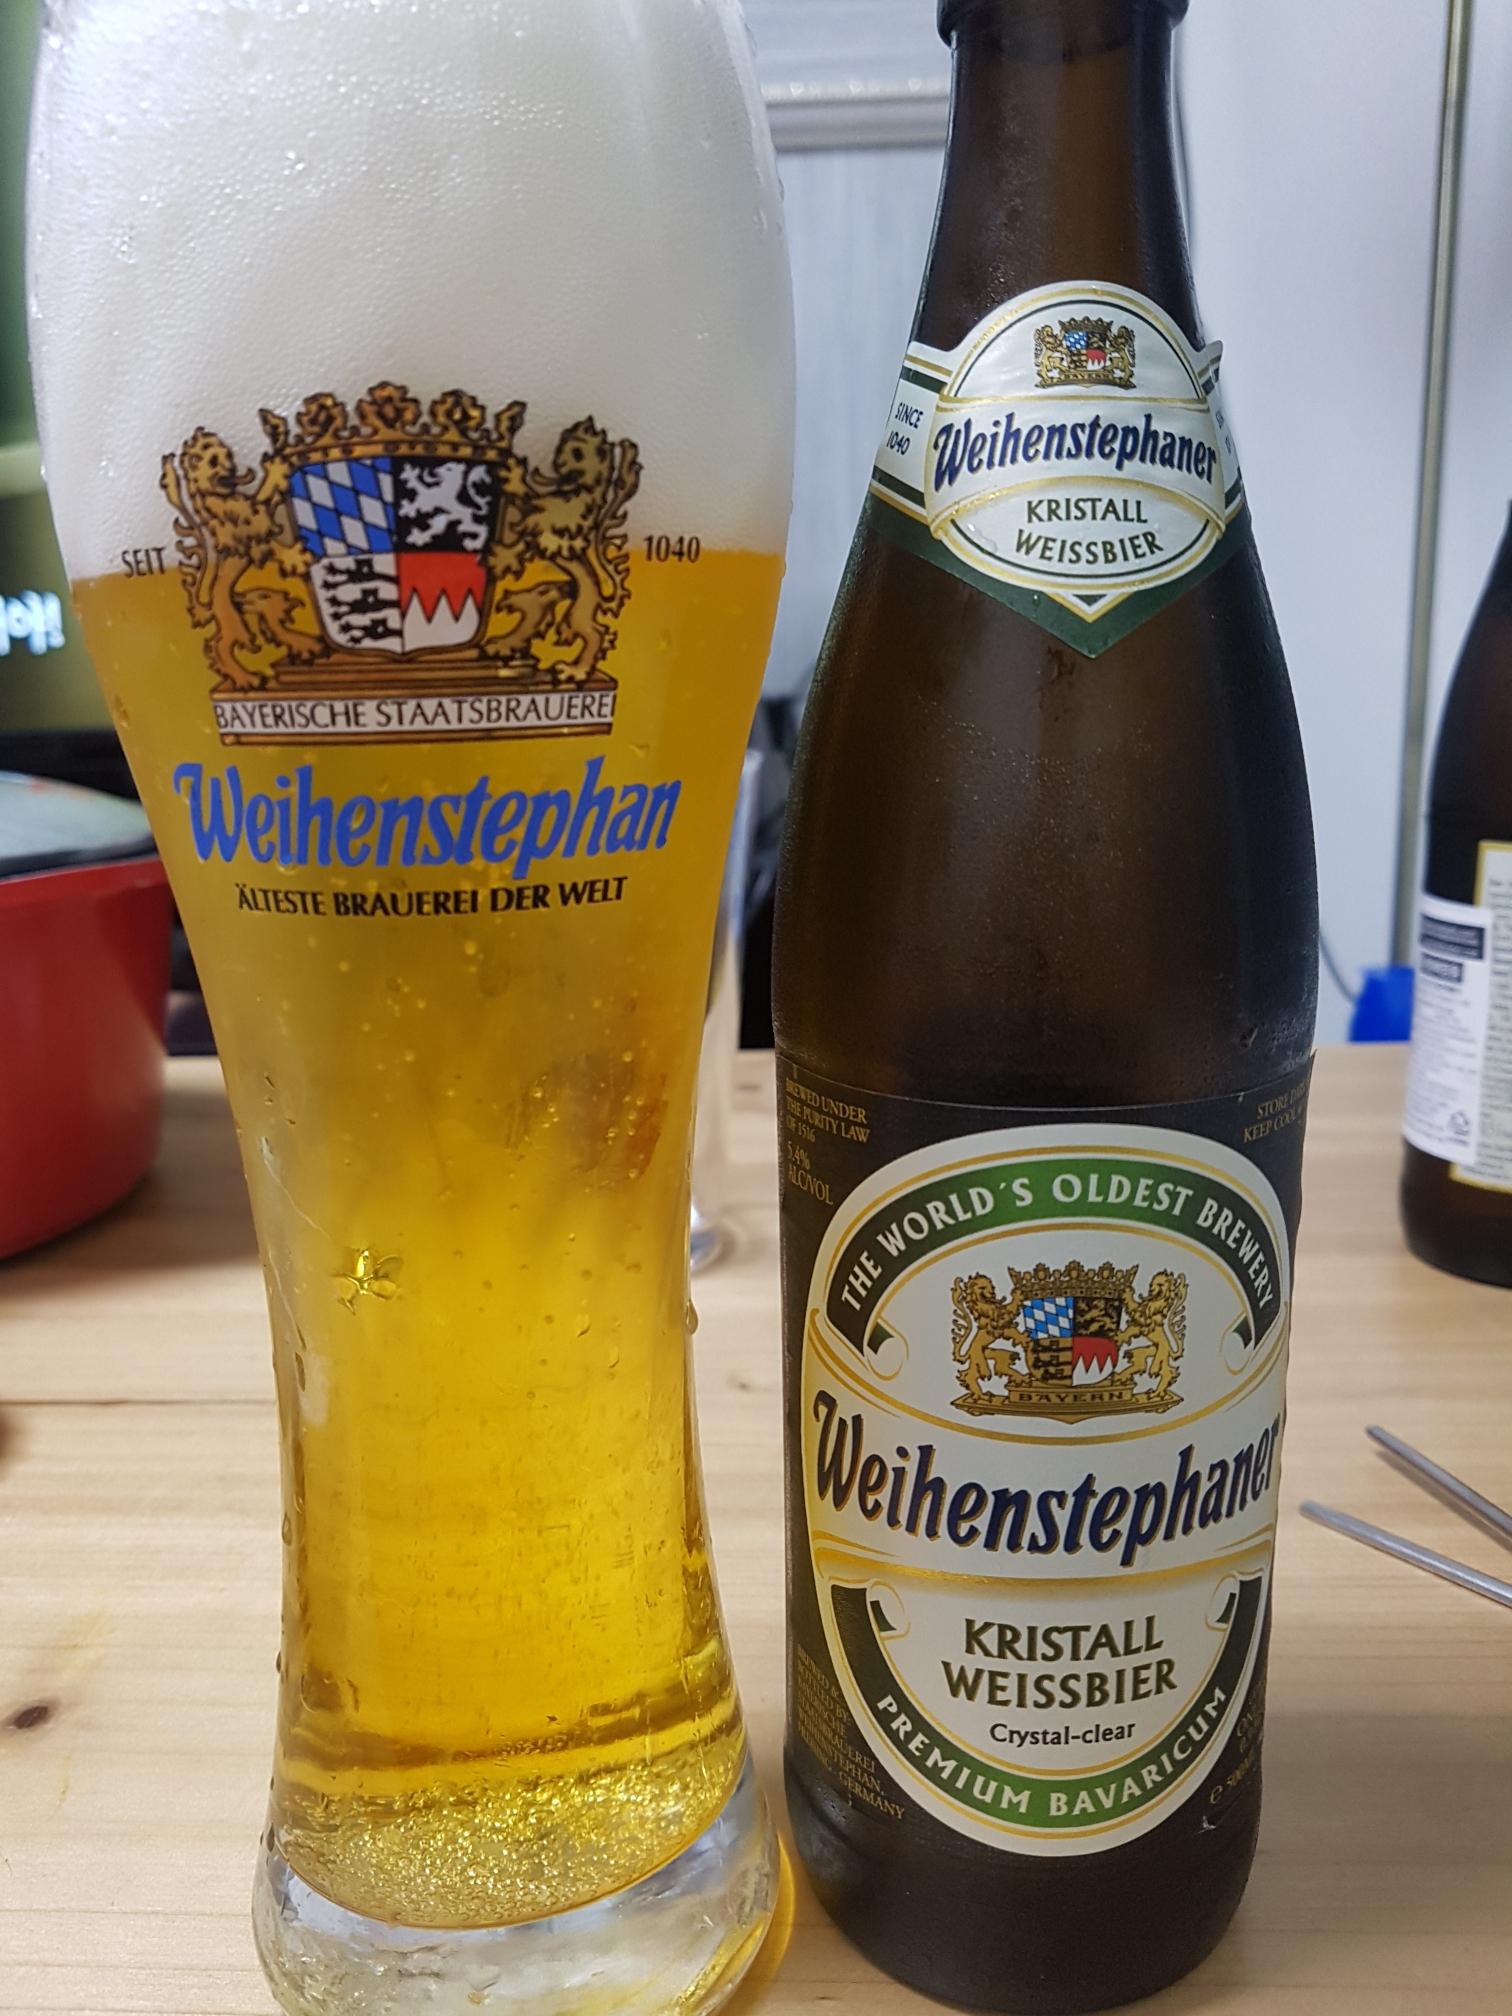 바이엔슈테판 맥주